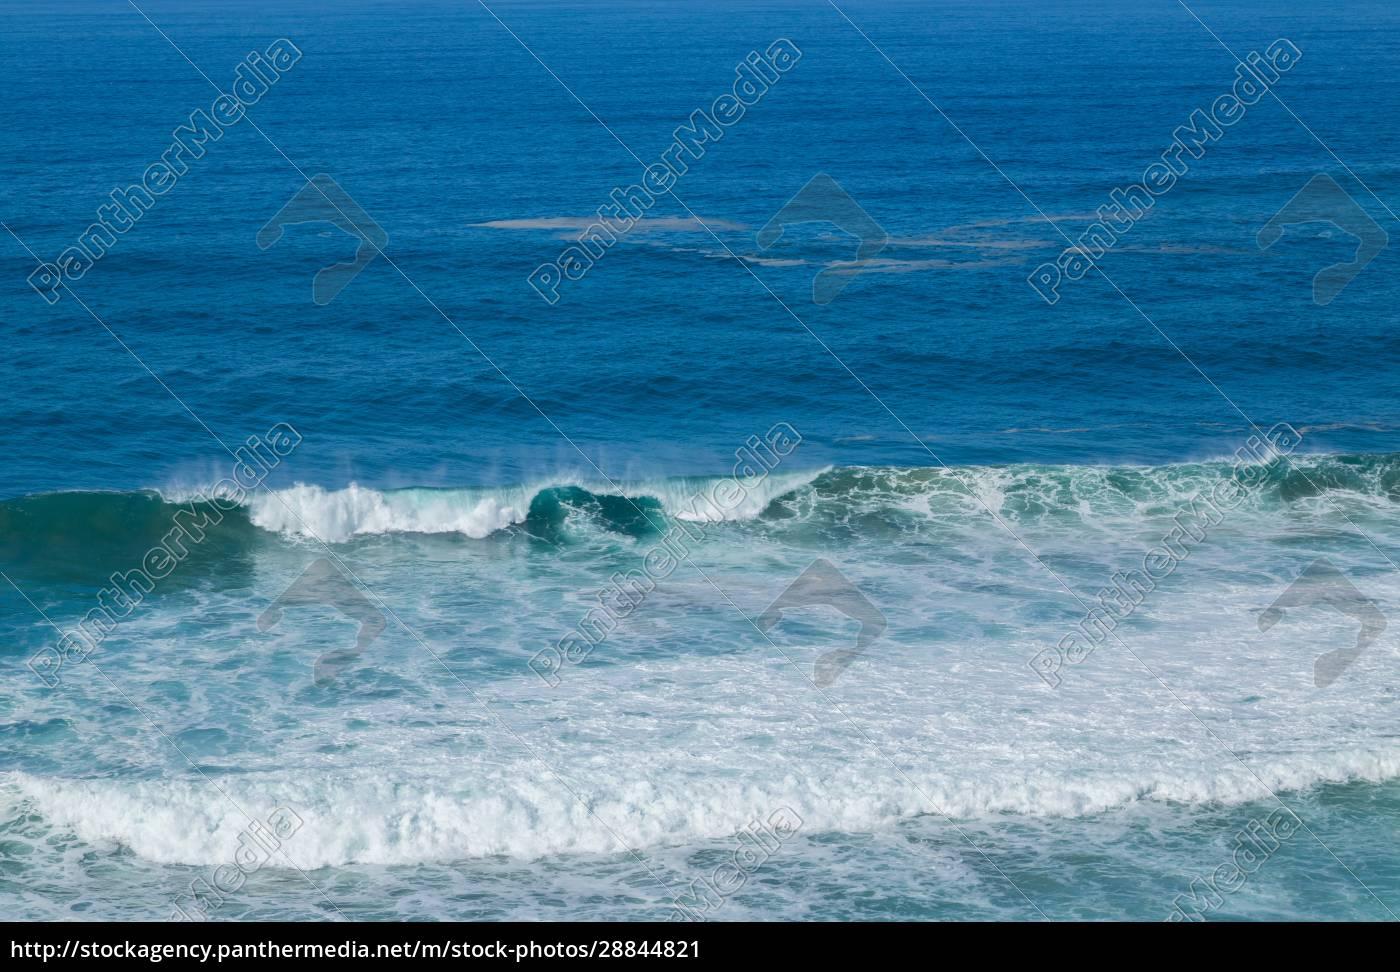 widok, na, wybrzeże, atlantyku - 28844821